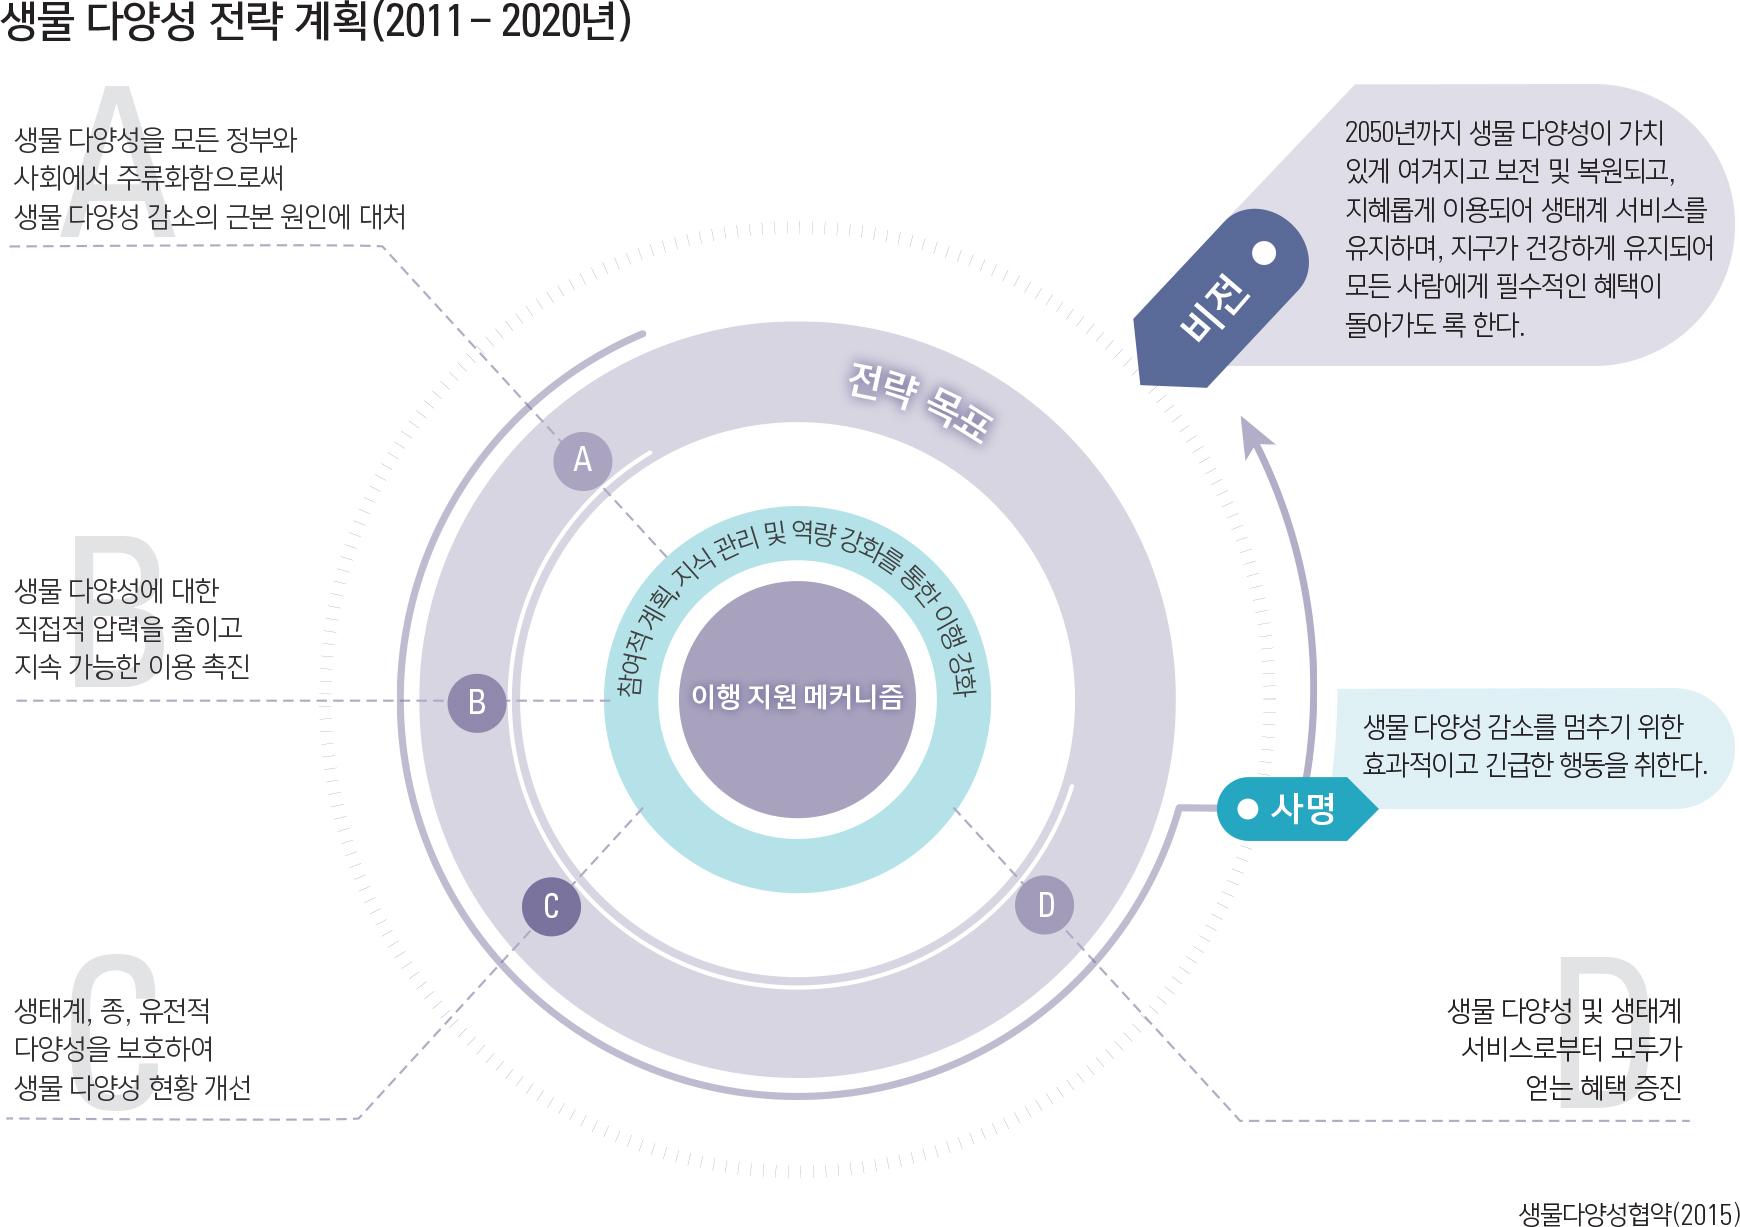 생물 다양성 전략 계획(2011 –2020년)